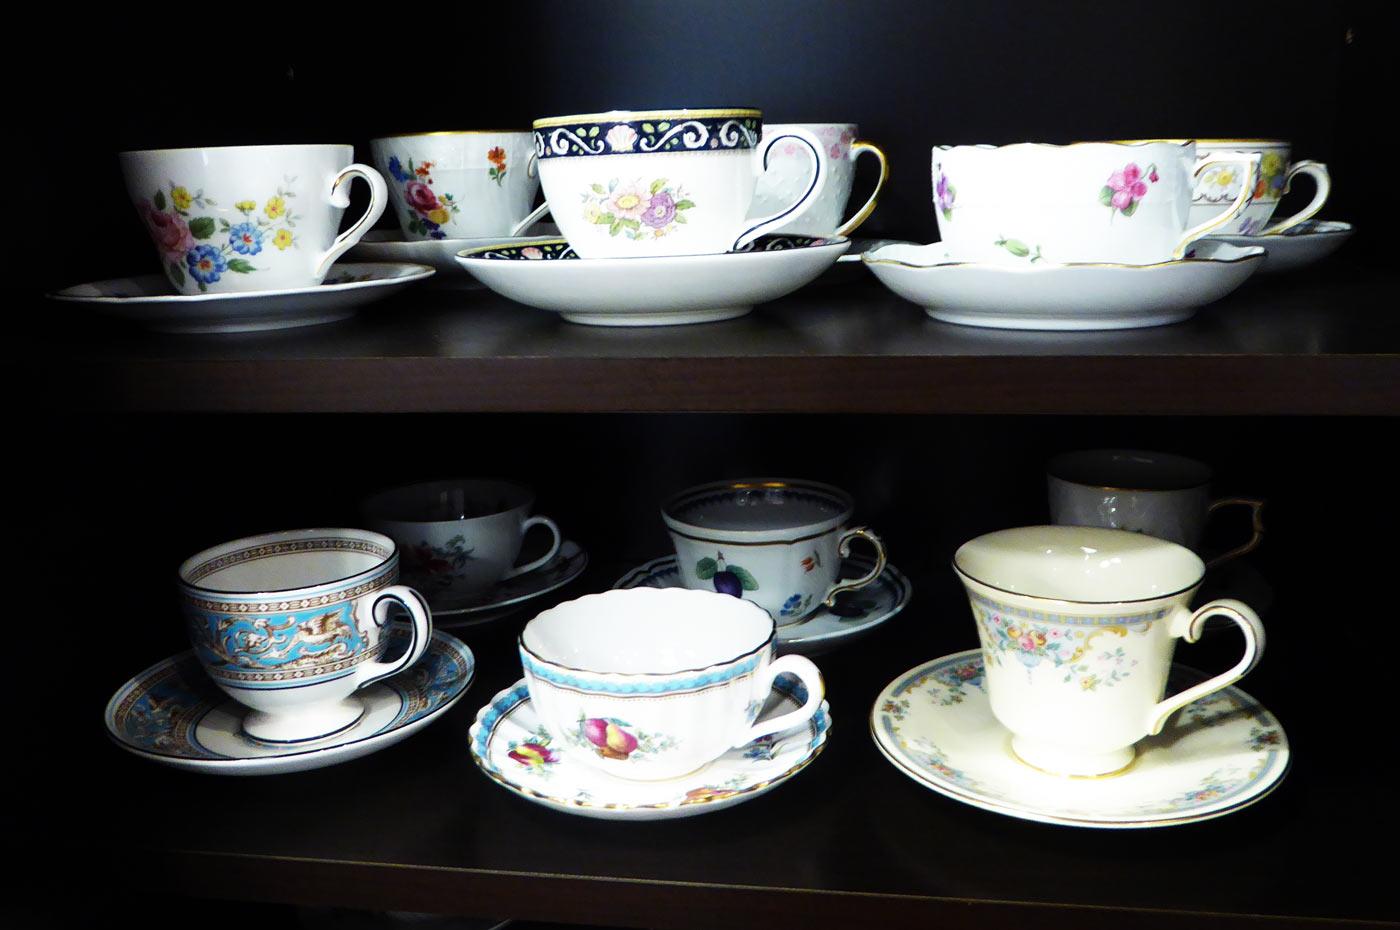 ロジェ ルージュのエルメスのコーヒーカップ